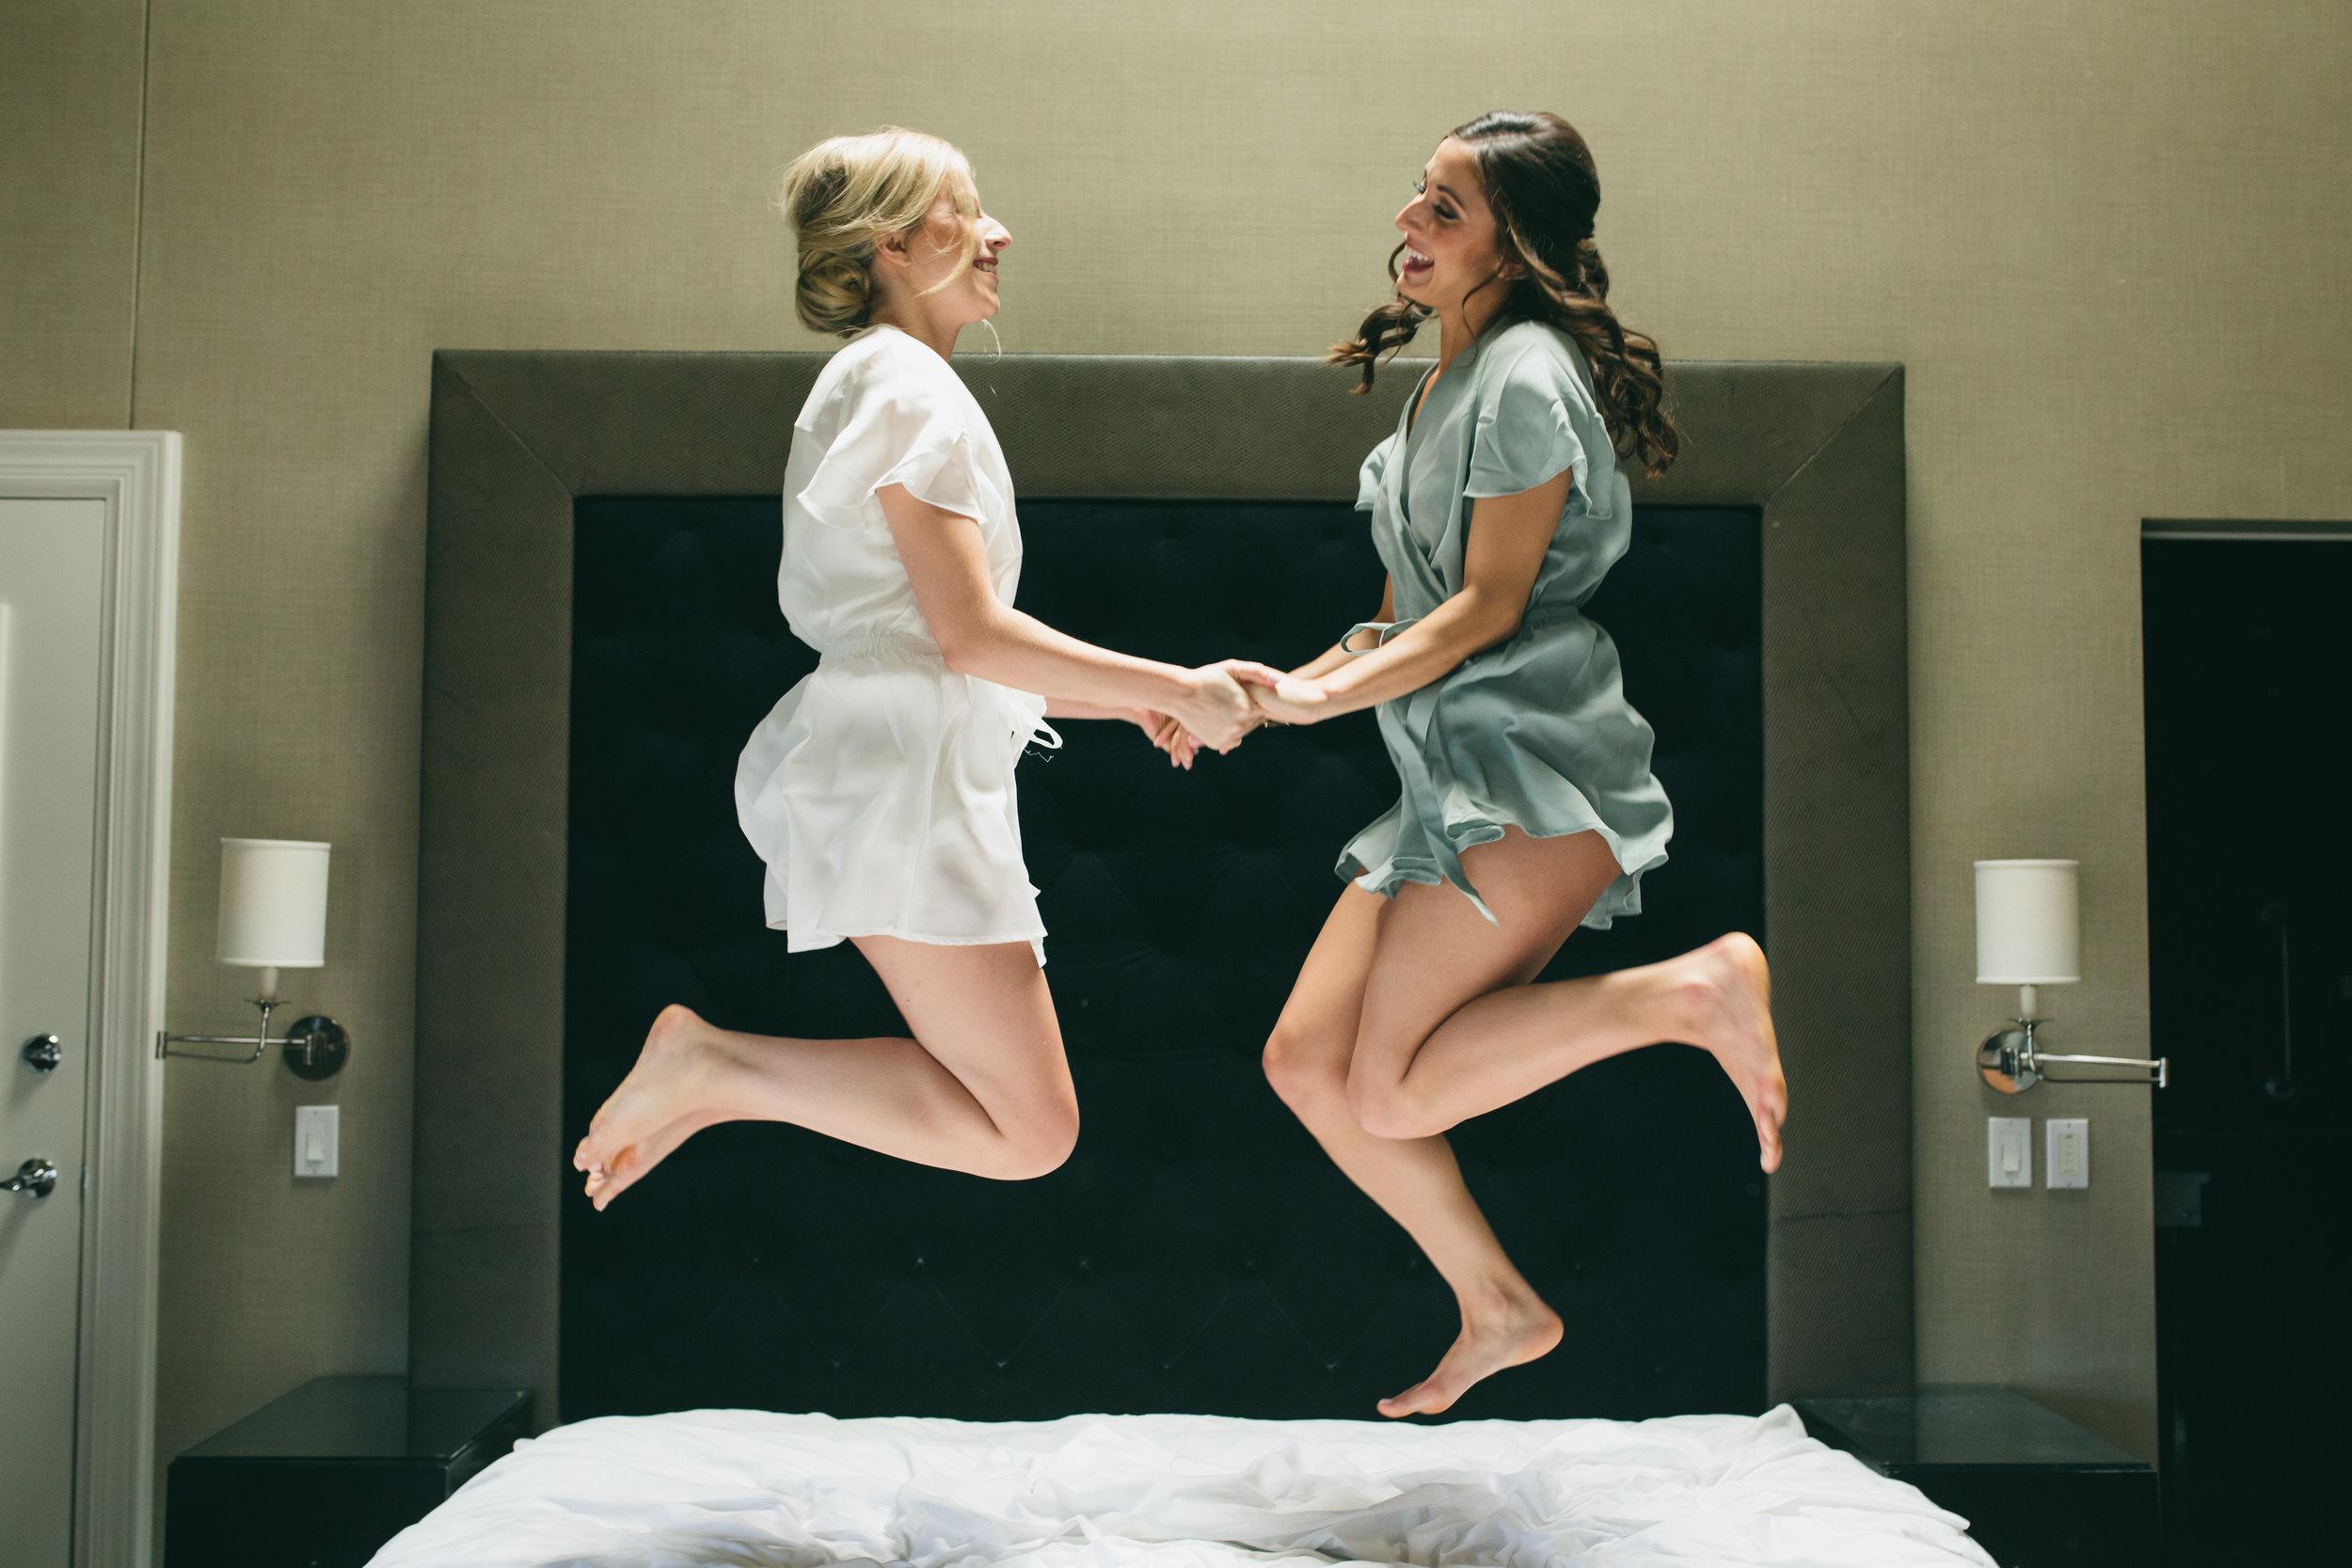 Marissa bed jump.jpg